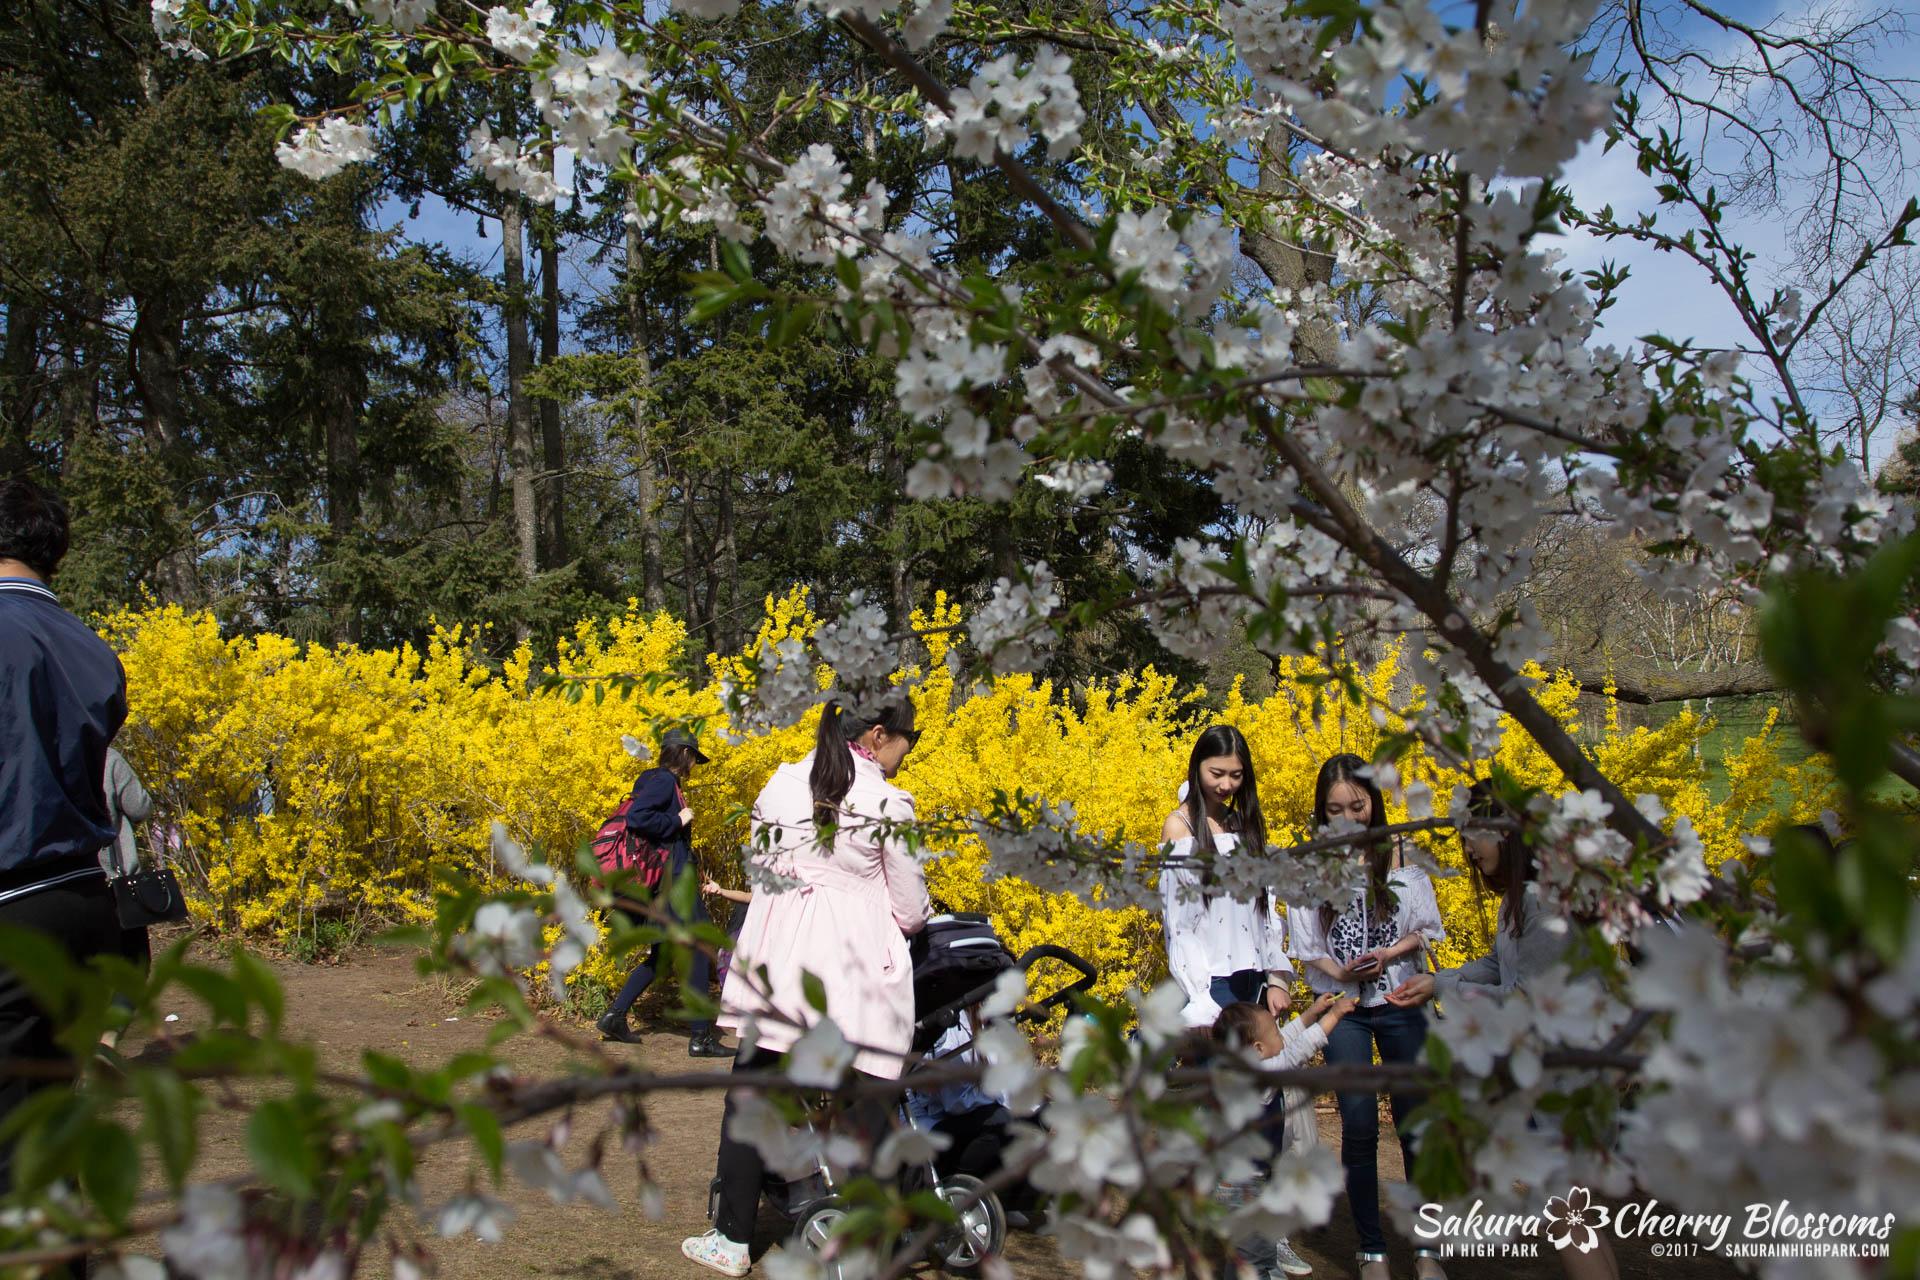 Sakura-Watch-April-28-2017-full-bloom-throughout-High-Park-5750.jpg